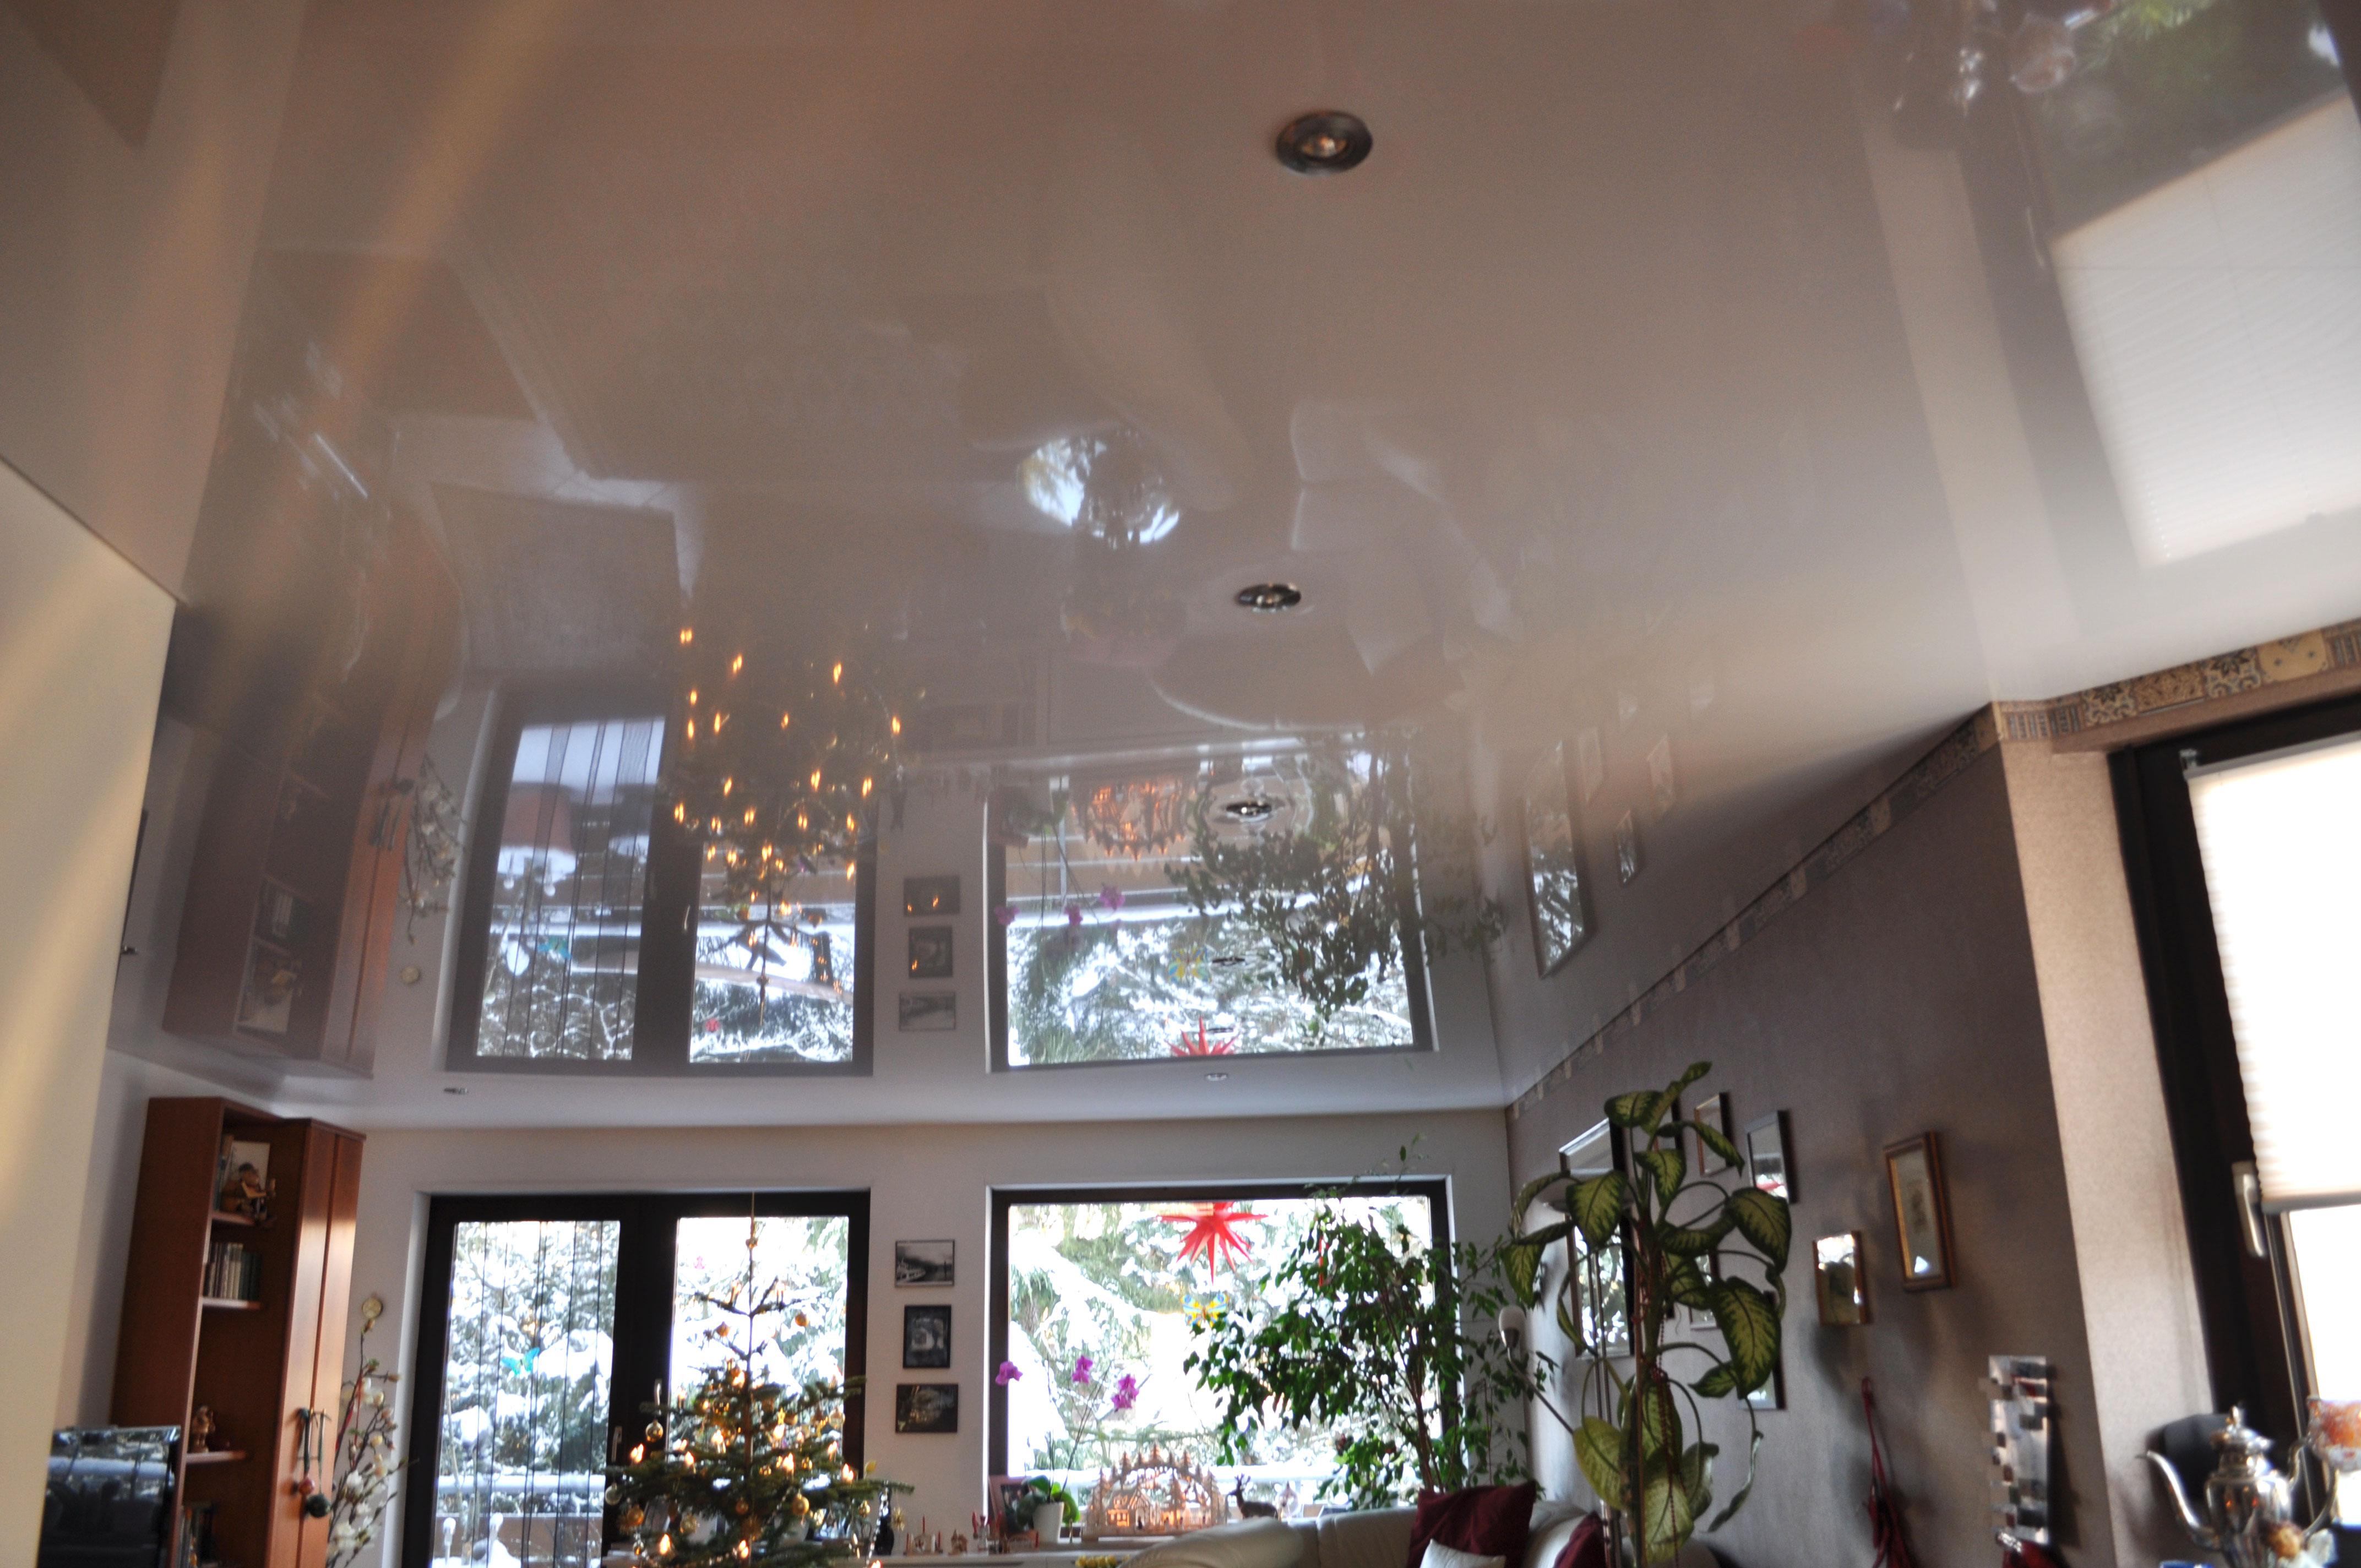 spanndecken im wohnzimmer spanndecken duesseldorf dortmund. Black Bedroom Furniture Sets. Home Design Ideas